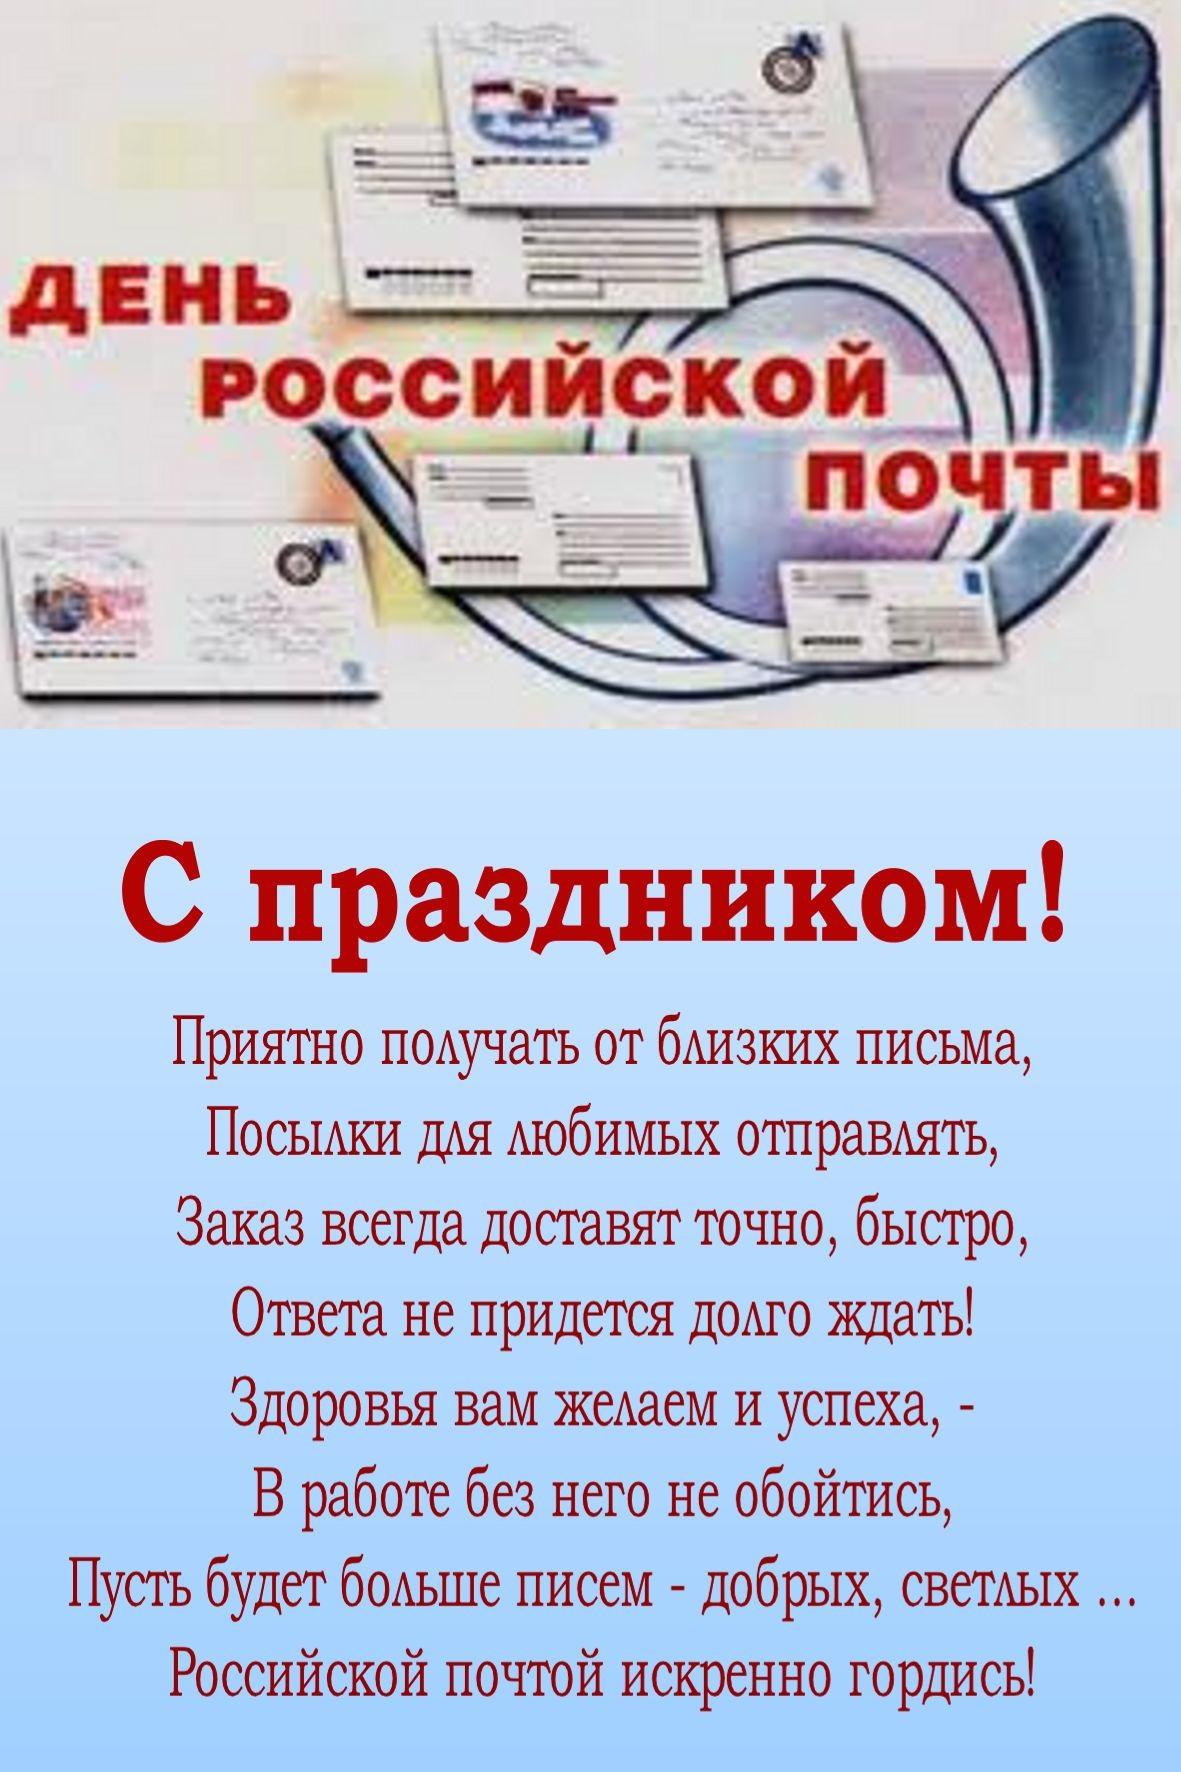 Открытки. День российской почты! Стихи в честь праздника